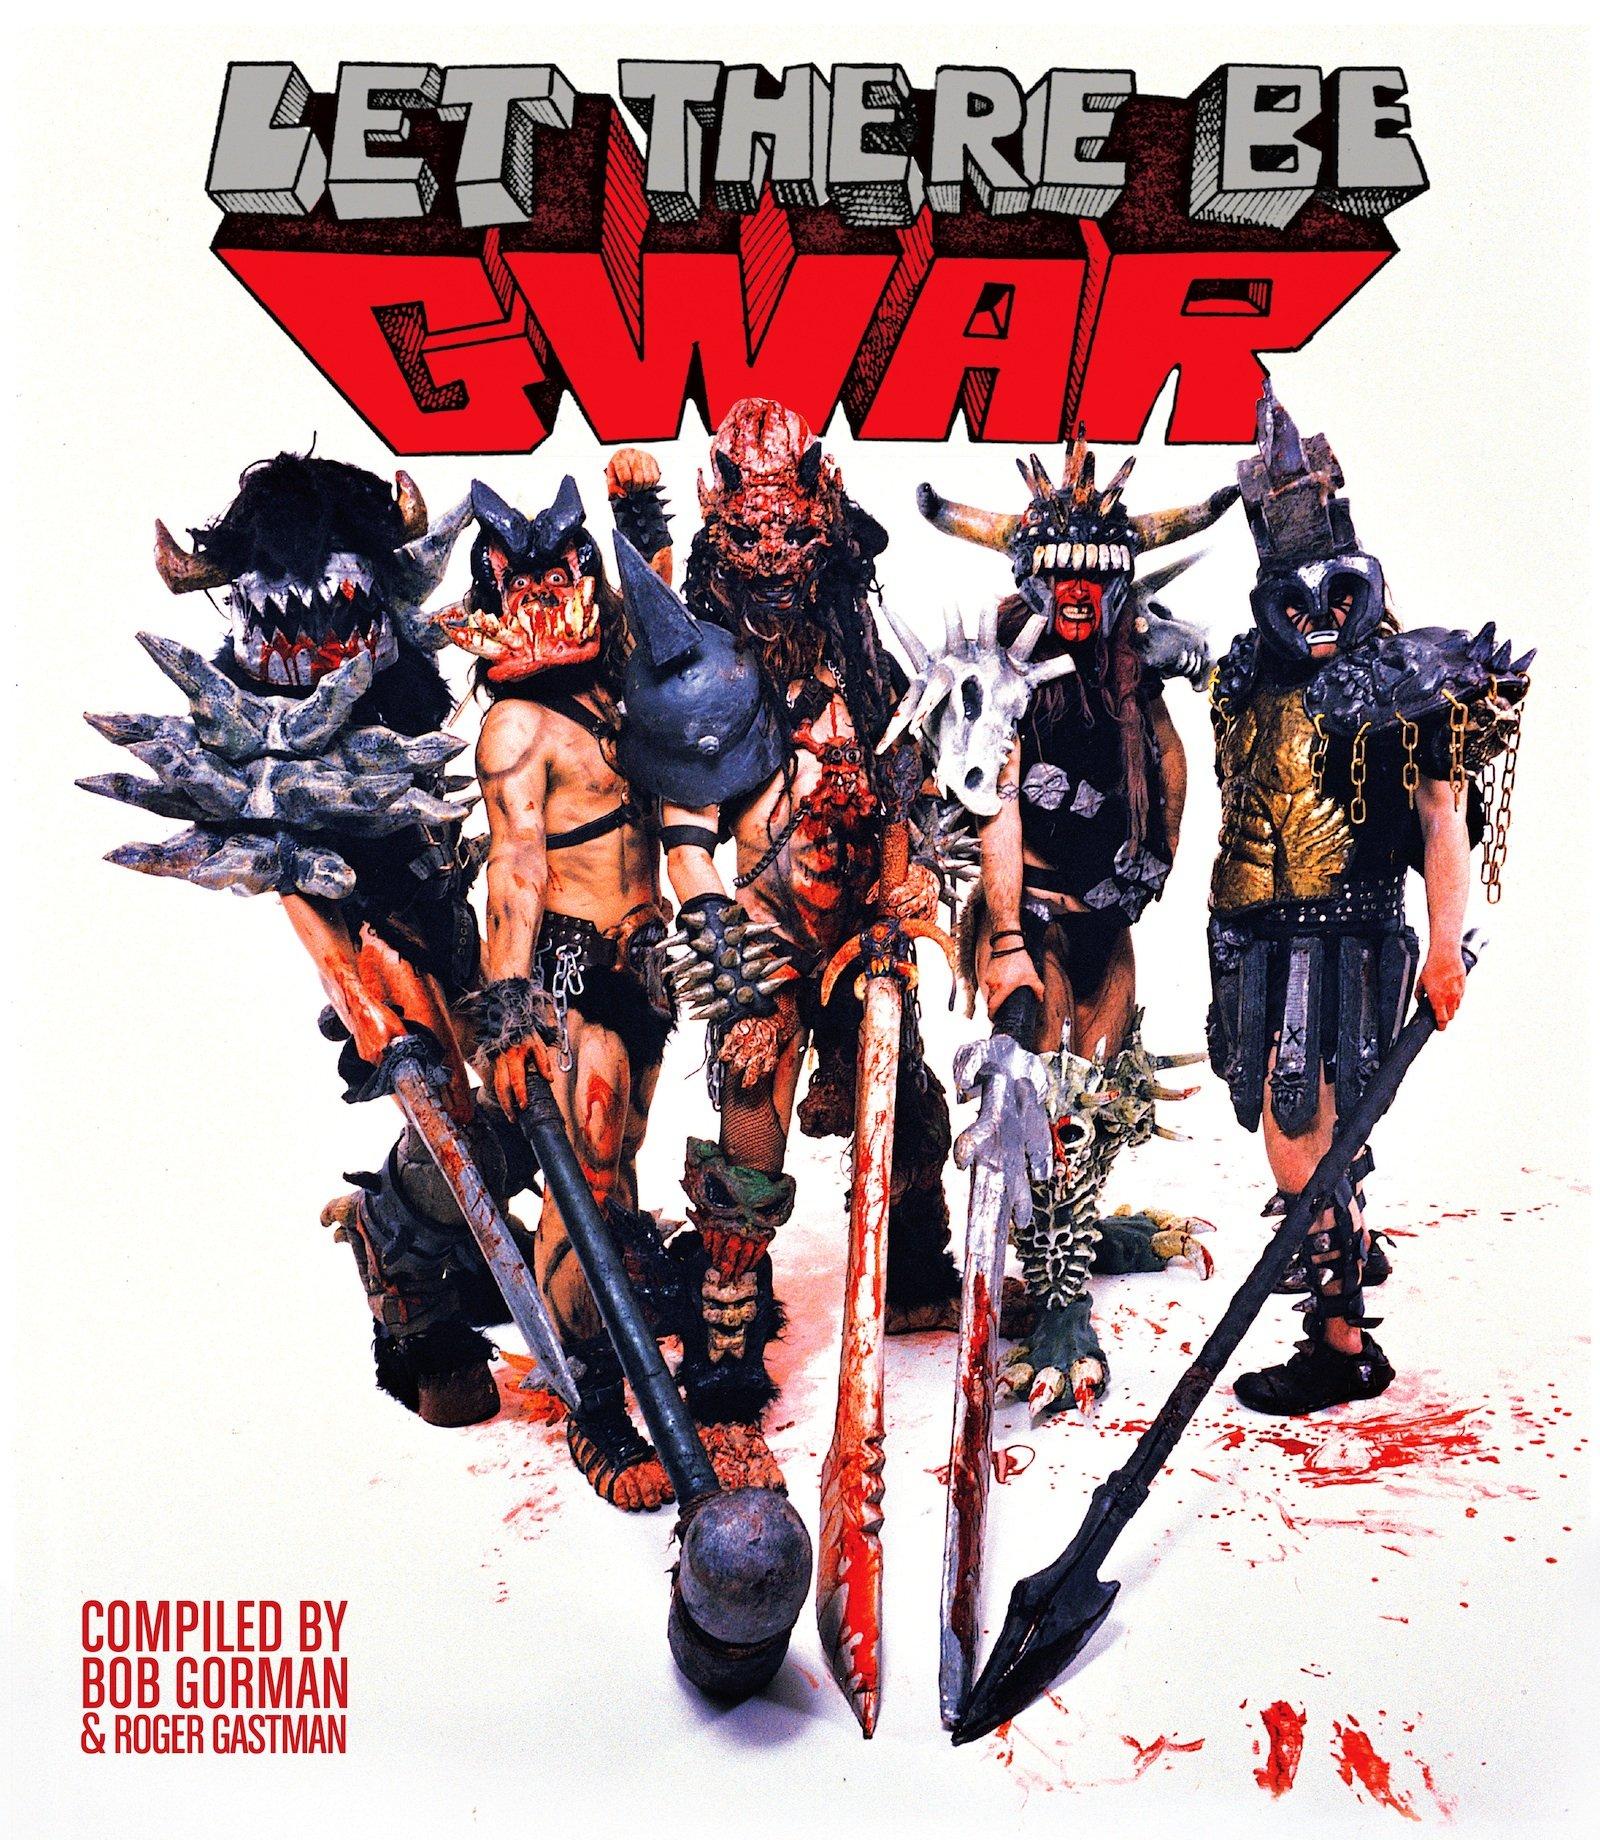 Let There Be Gwar: Bob Gorman, Roger Gastman, Caroline Ryder ...